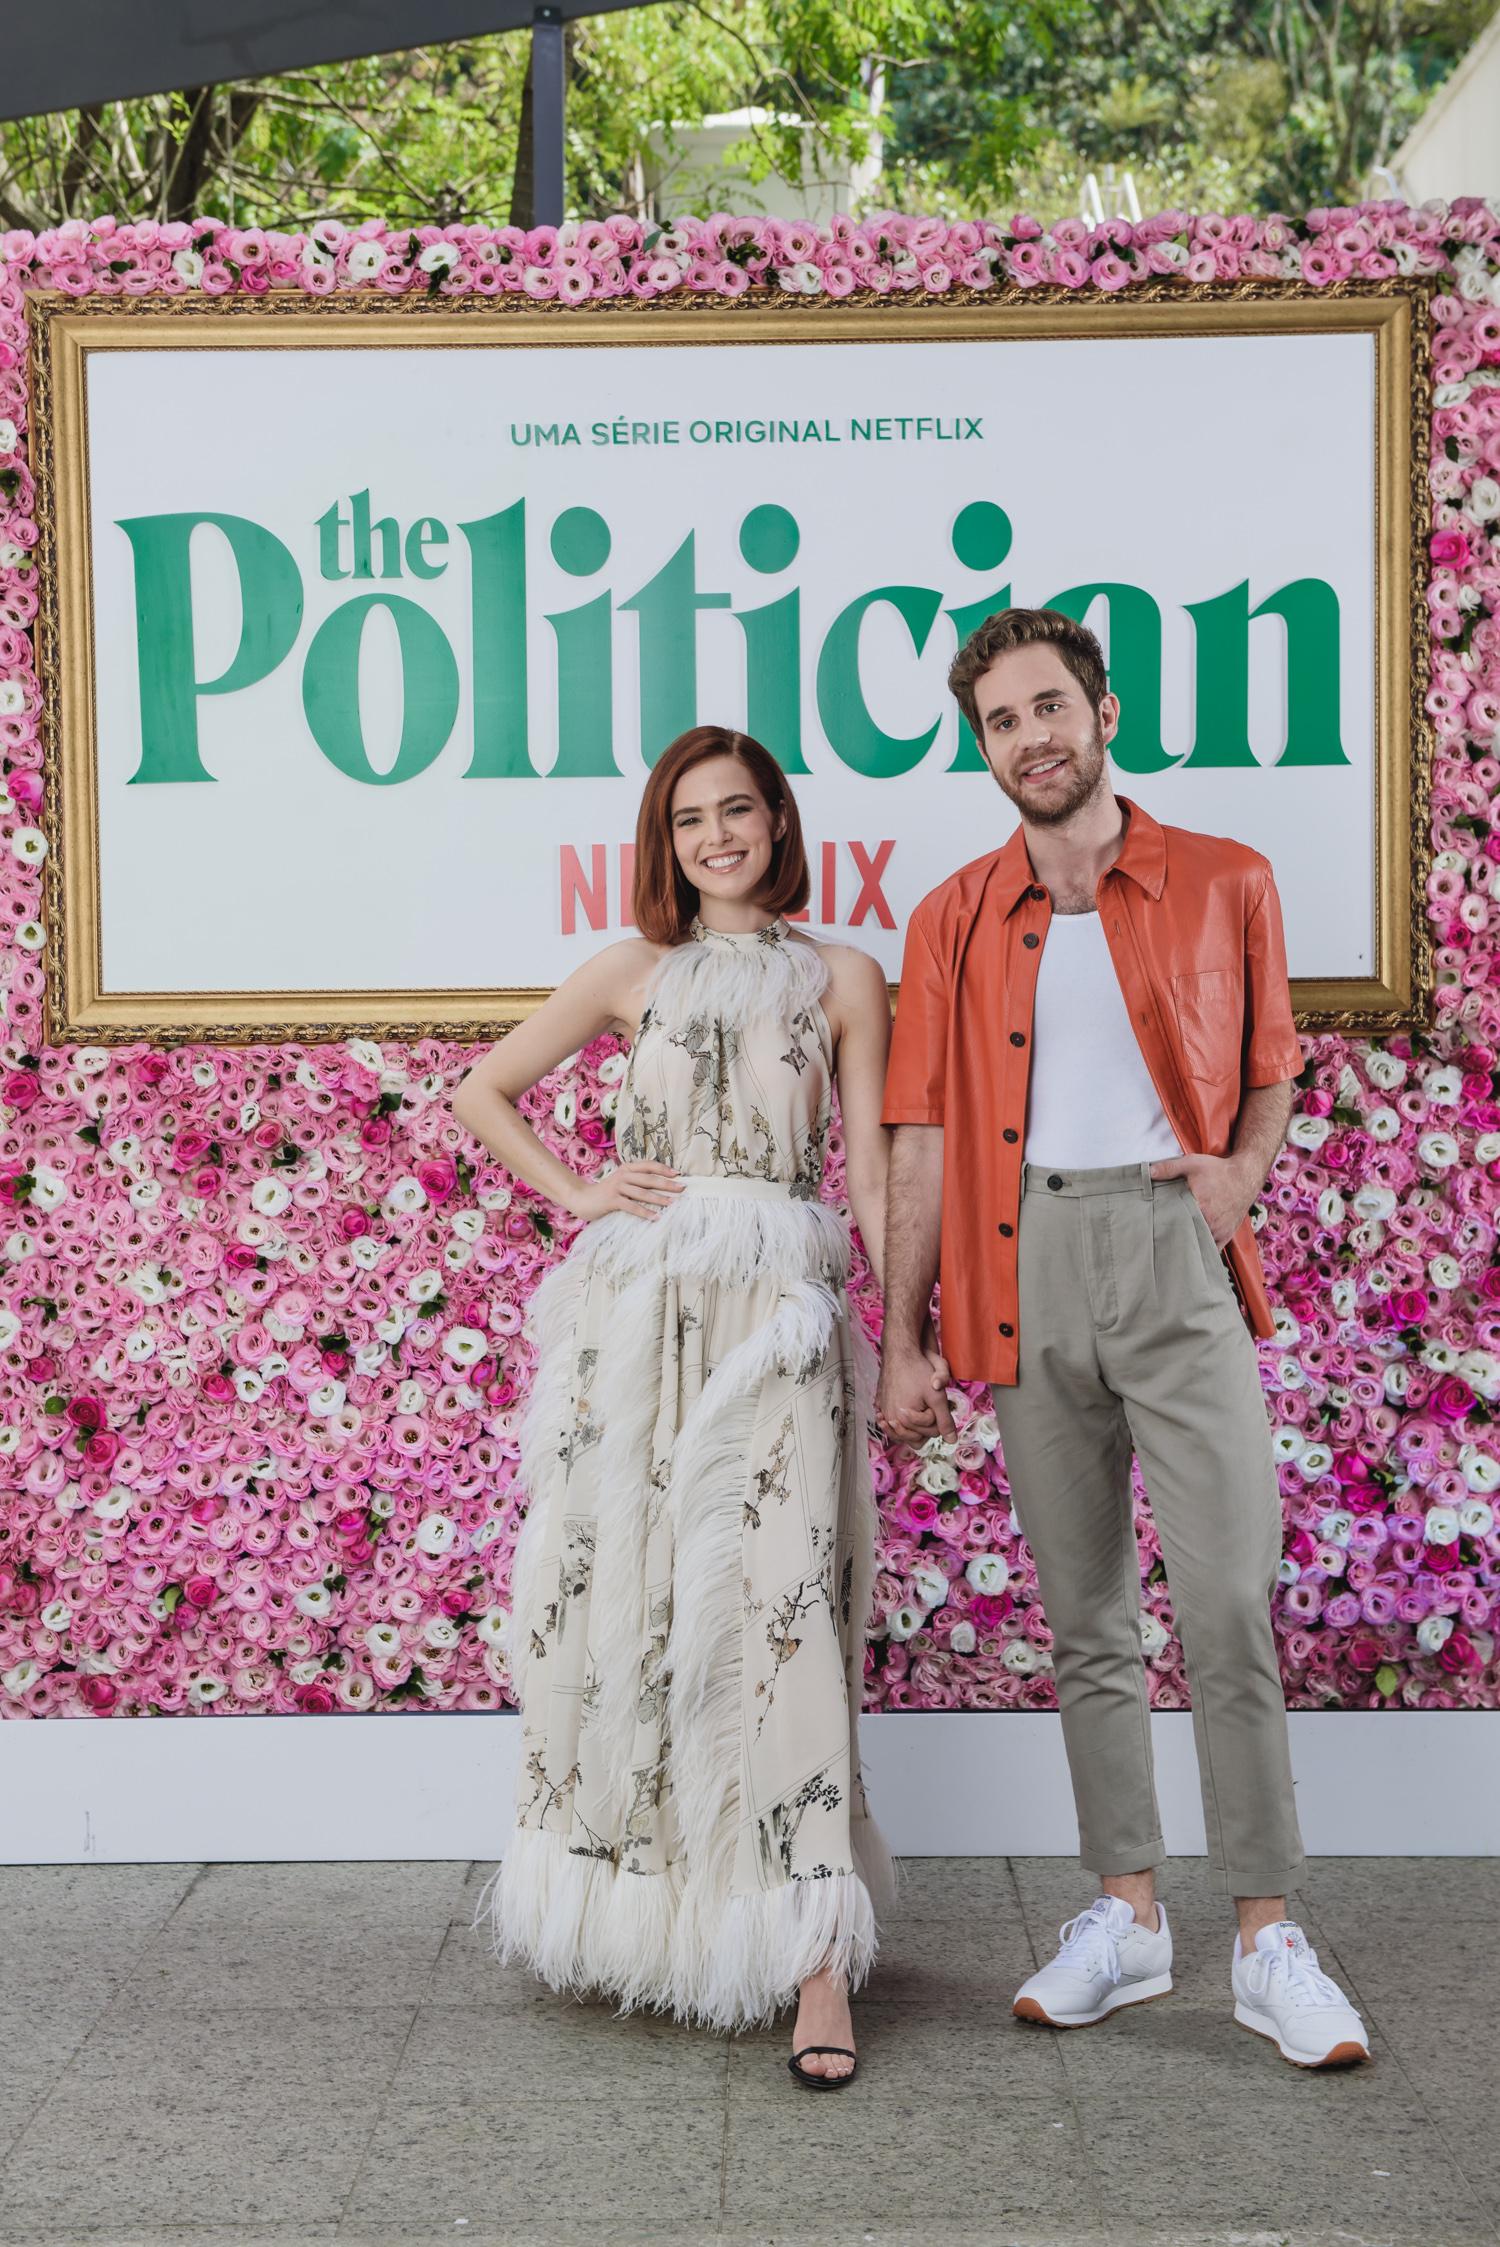 Ben Platt e Zoey Deutch na coletiva de imprensa de The Politician, da Netflix, no Palácio Tangará, em São Paulo (Foto: Divulgação/Helena Yoshioka)